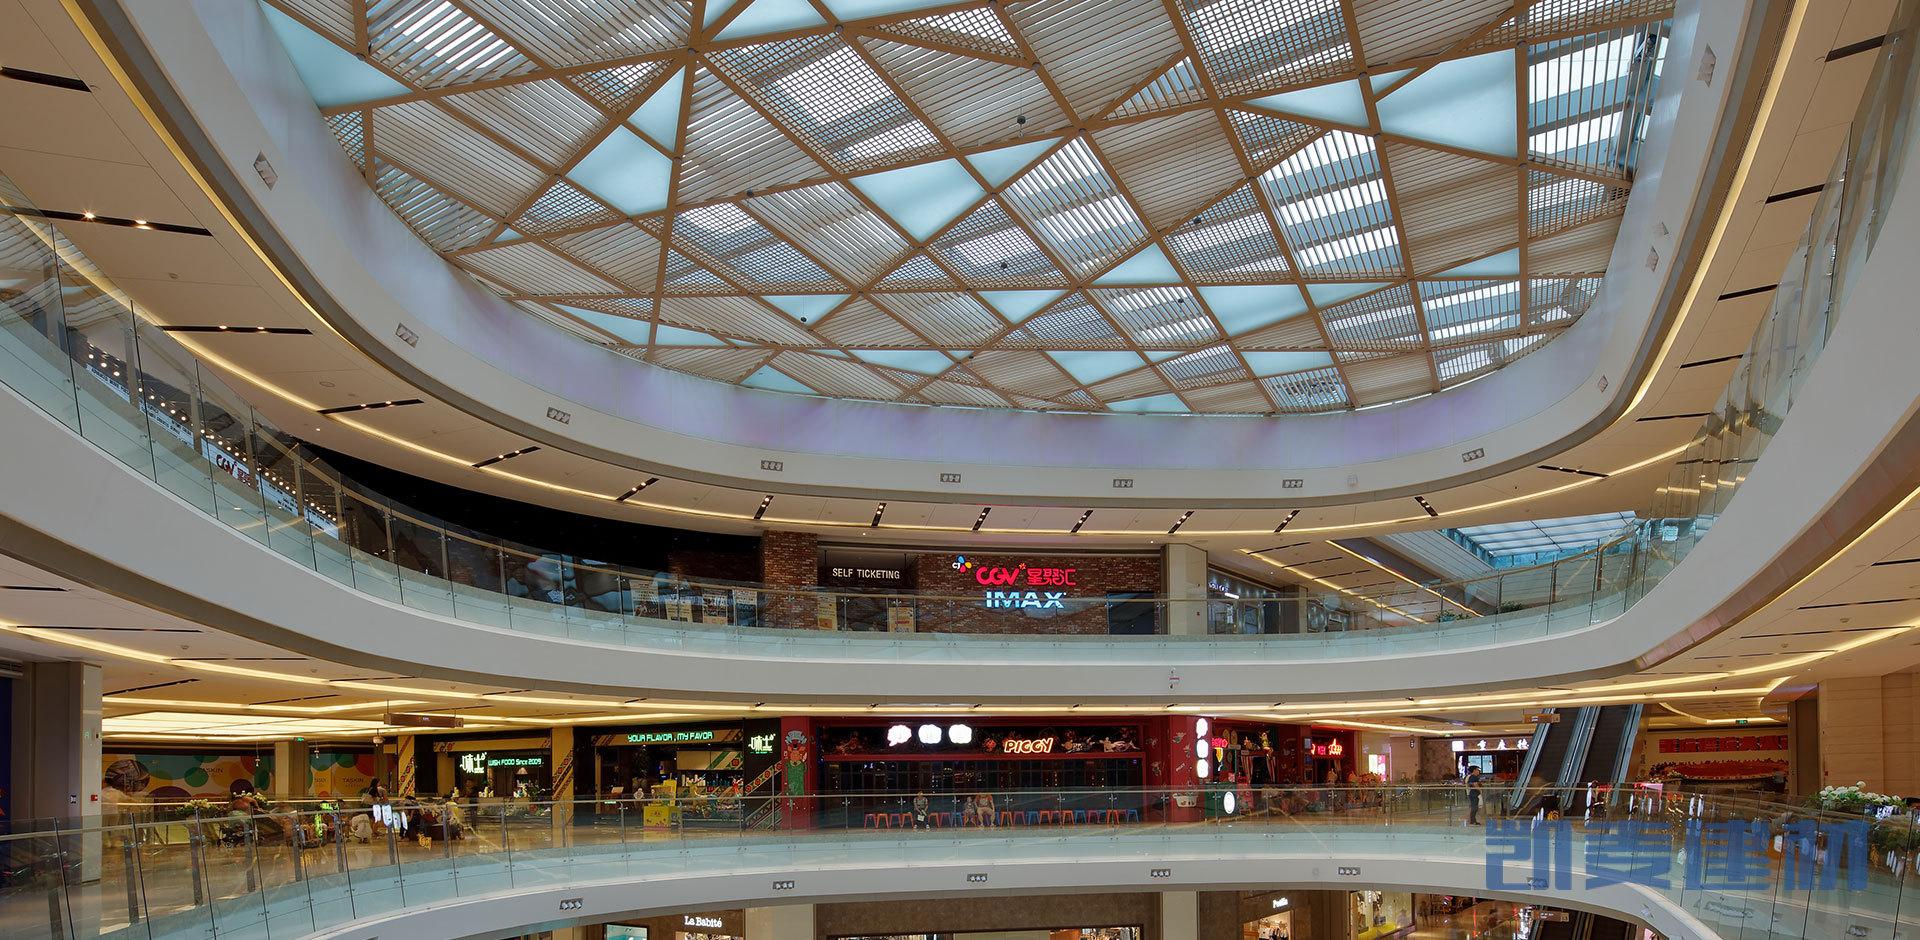 商场天井交叉吊顶铝格栅